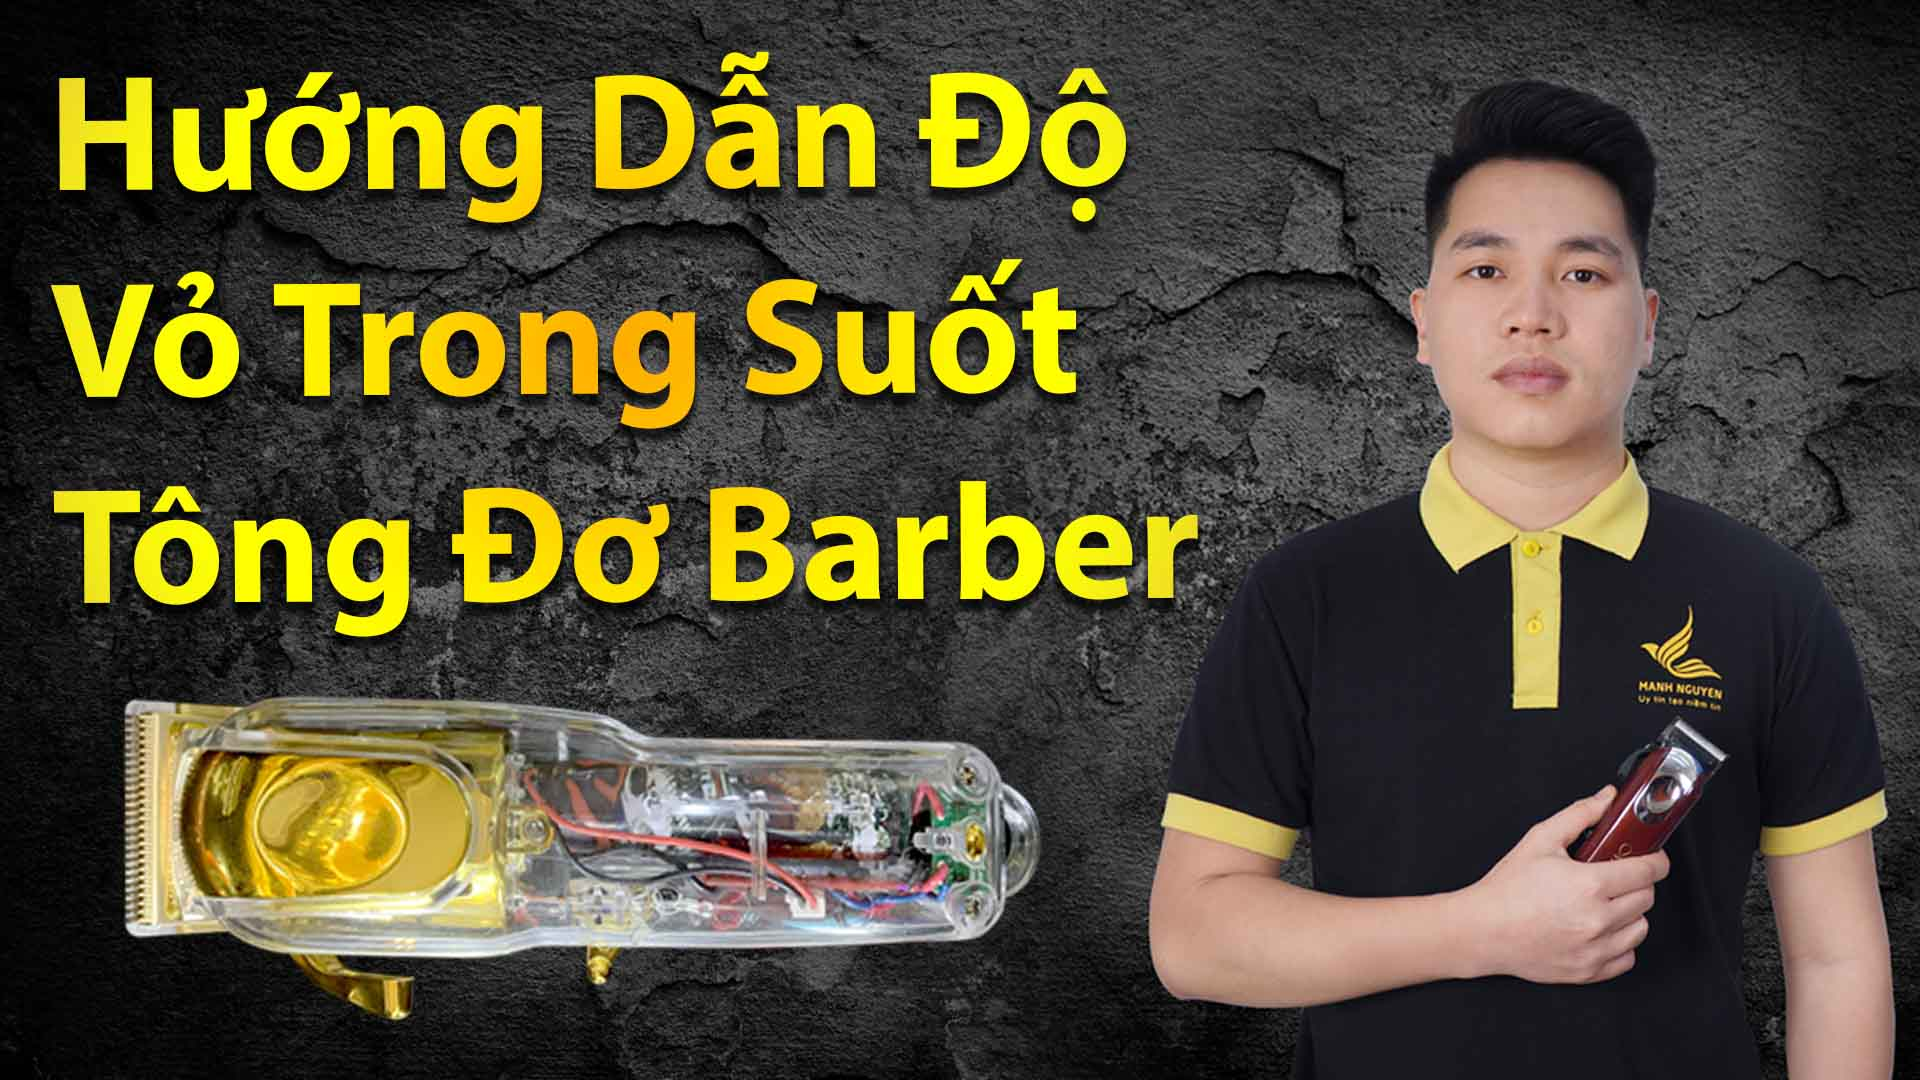 huong dan do vo trong suot cho tong do barber